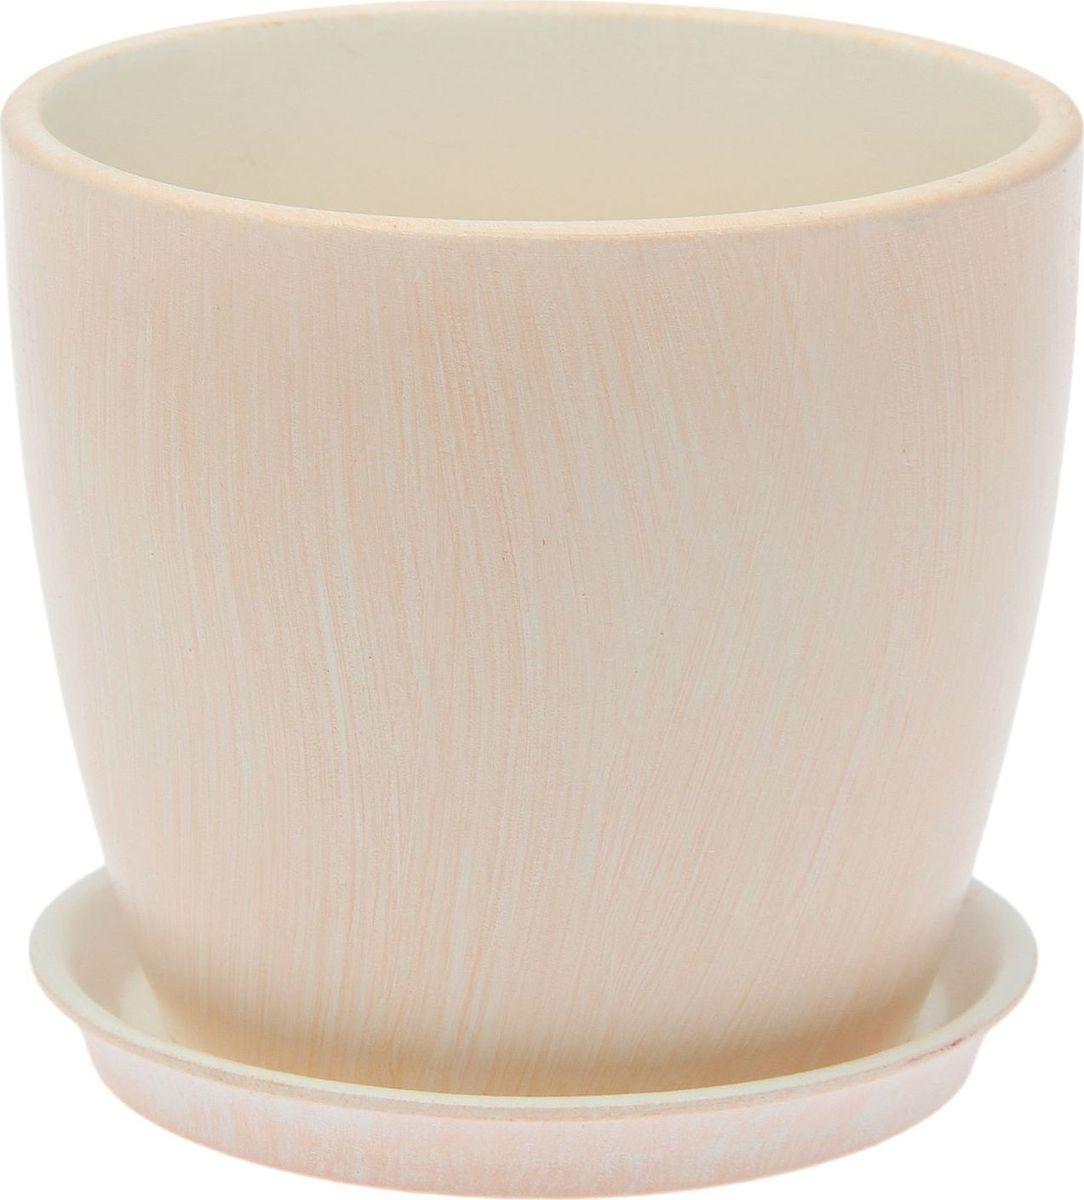 Кашпо Керамика ручной работы Осень. Патина, цвет: лососевый, 0,25 л1968885Комнатные растения — всеобщие любимцы. Они радуют глаз, насыщают помещение кислородом и украшают пространство. Каждому из них необходим свой удобный и красивый дом. Кашпо из керамики прекрасно подходят для высадки растений: за счёт пластичности глины и разных способов обработки существует великое множество форм и дизайновпористый материал позволяет испаряться лишней влагевоздух, необходимый для дыхания корней, проникает сквозь керамические стенки! #name# позаботится о зелёном питомце, освежит интерьер и подчеркнёт его стиль.